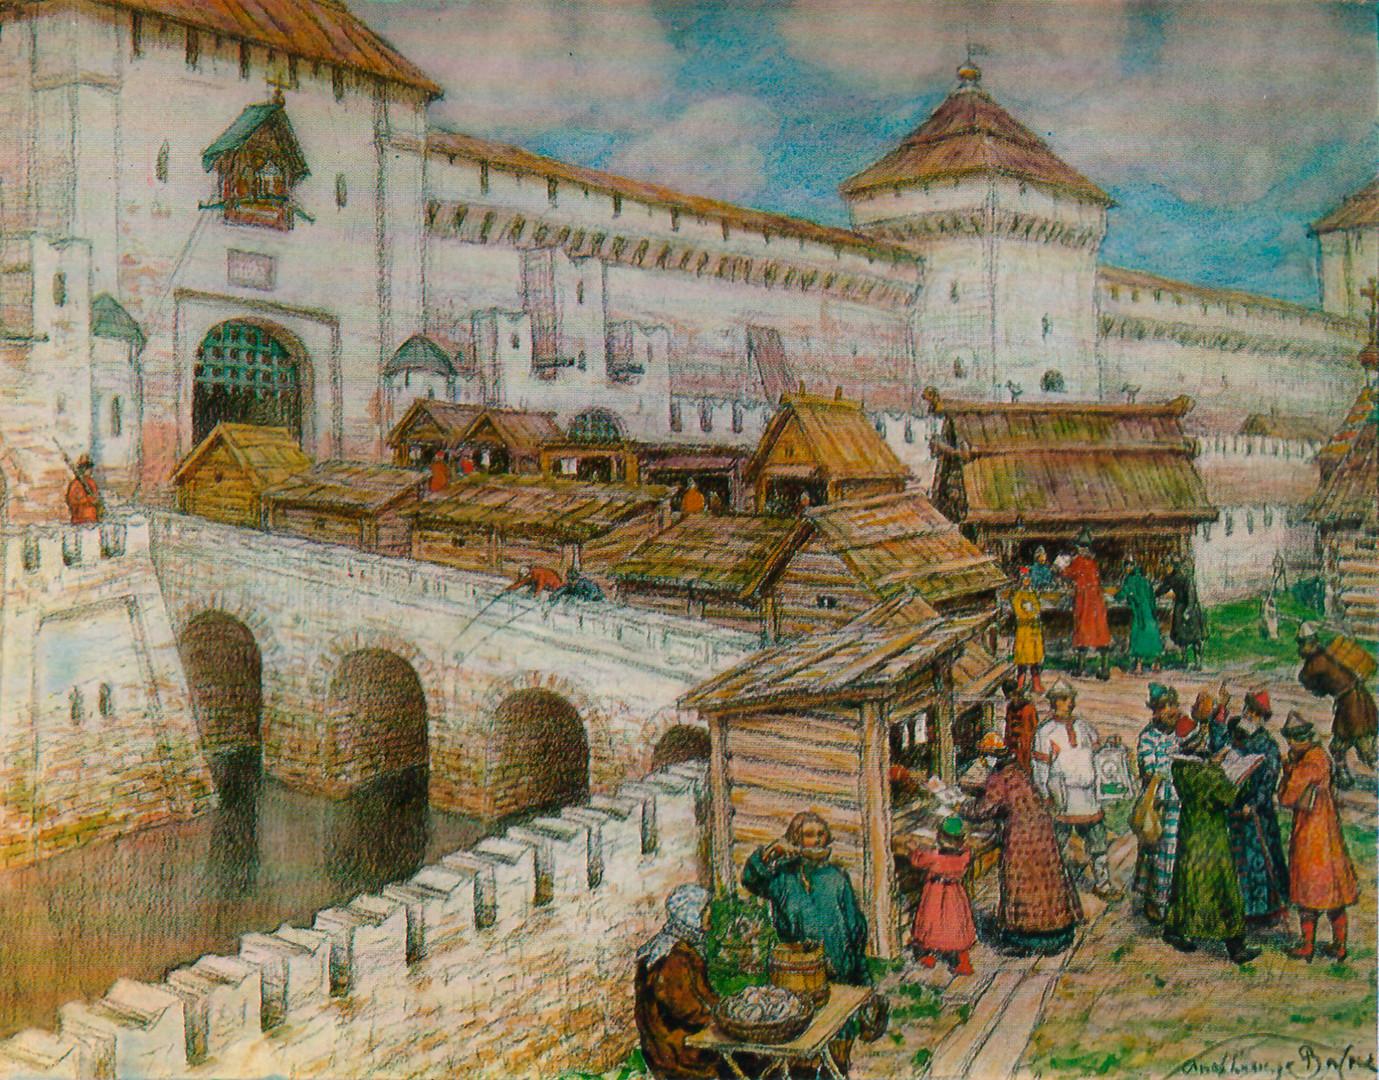 Књижарице на Спаском мосту у 17. веку. А. Васњецов